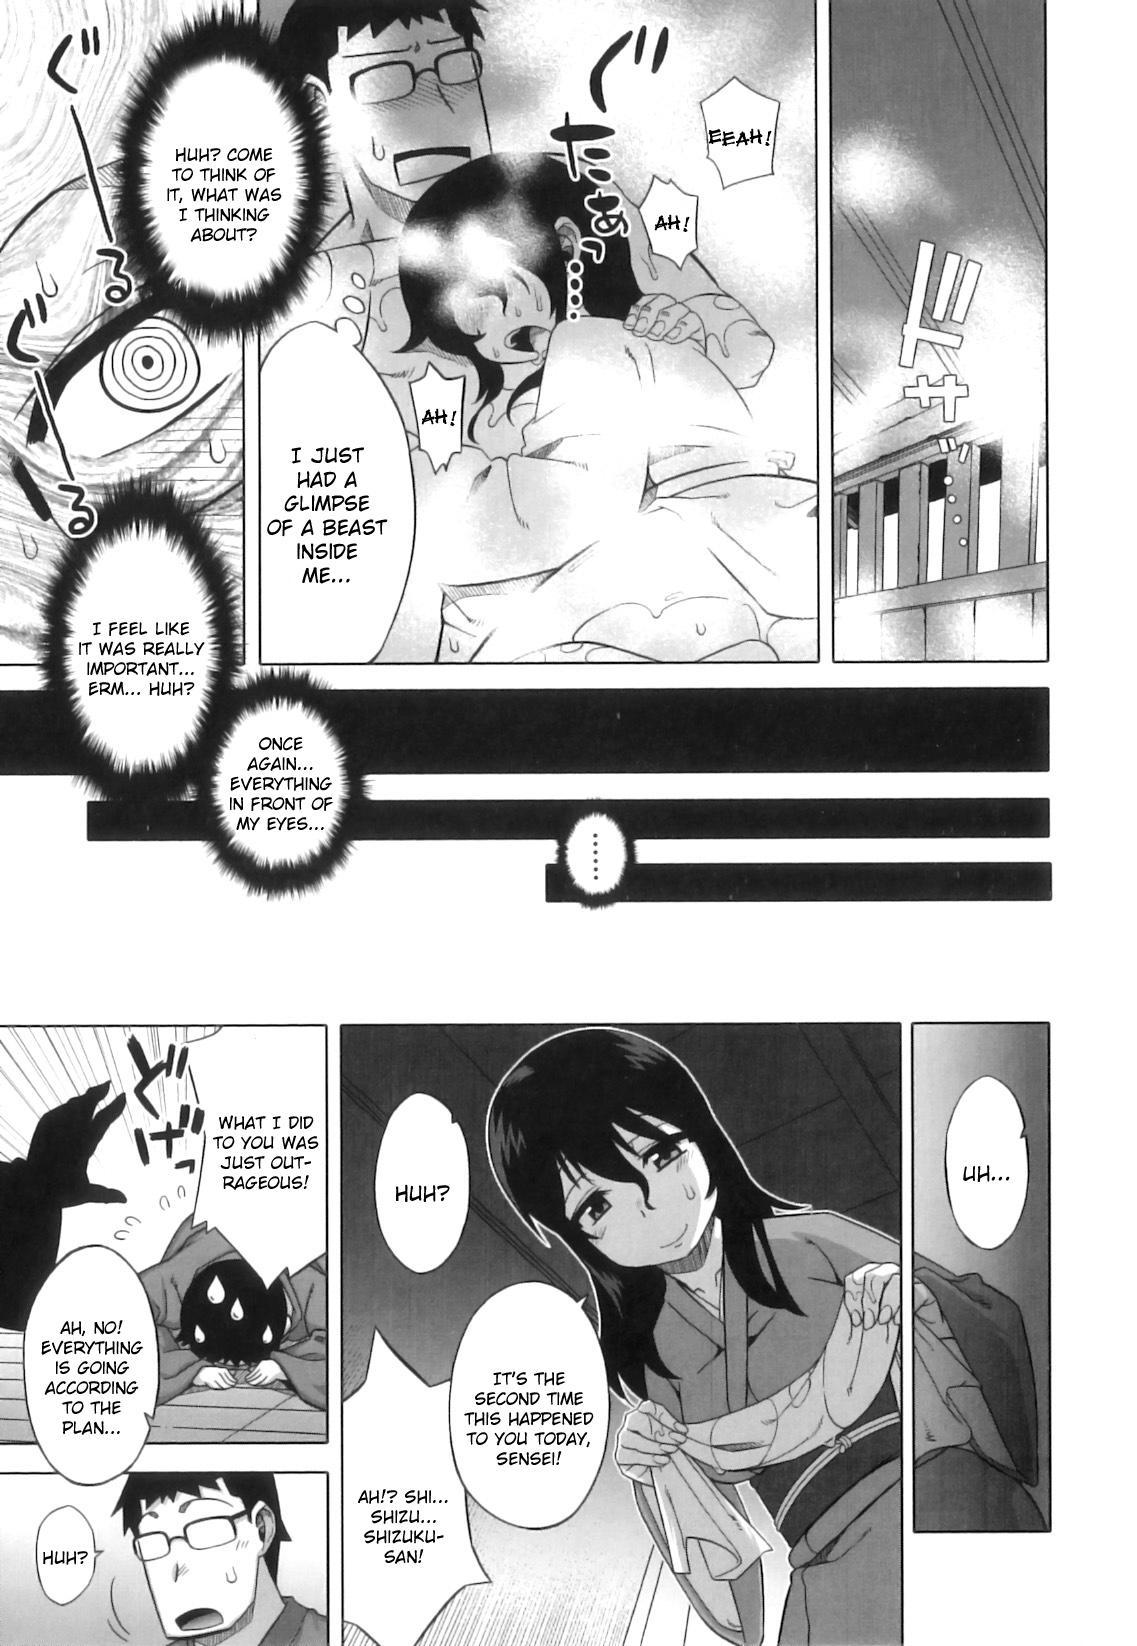 [Takatsu] DH! ~Himorogi Hyaku Yome Gatari~ | Demon-Hentai! - Shrine of One Hundred Wives [English] {doujin-moe.us} 34